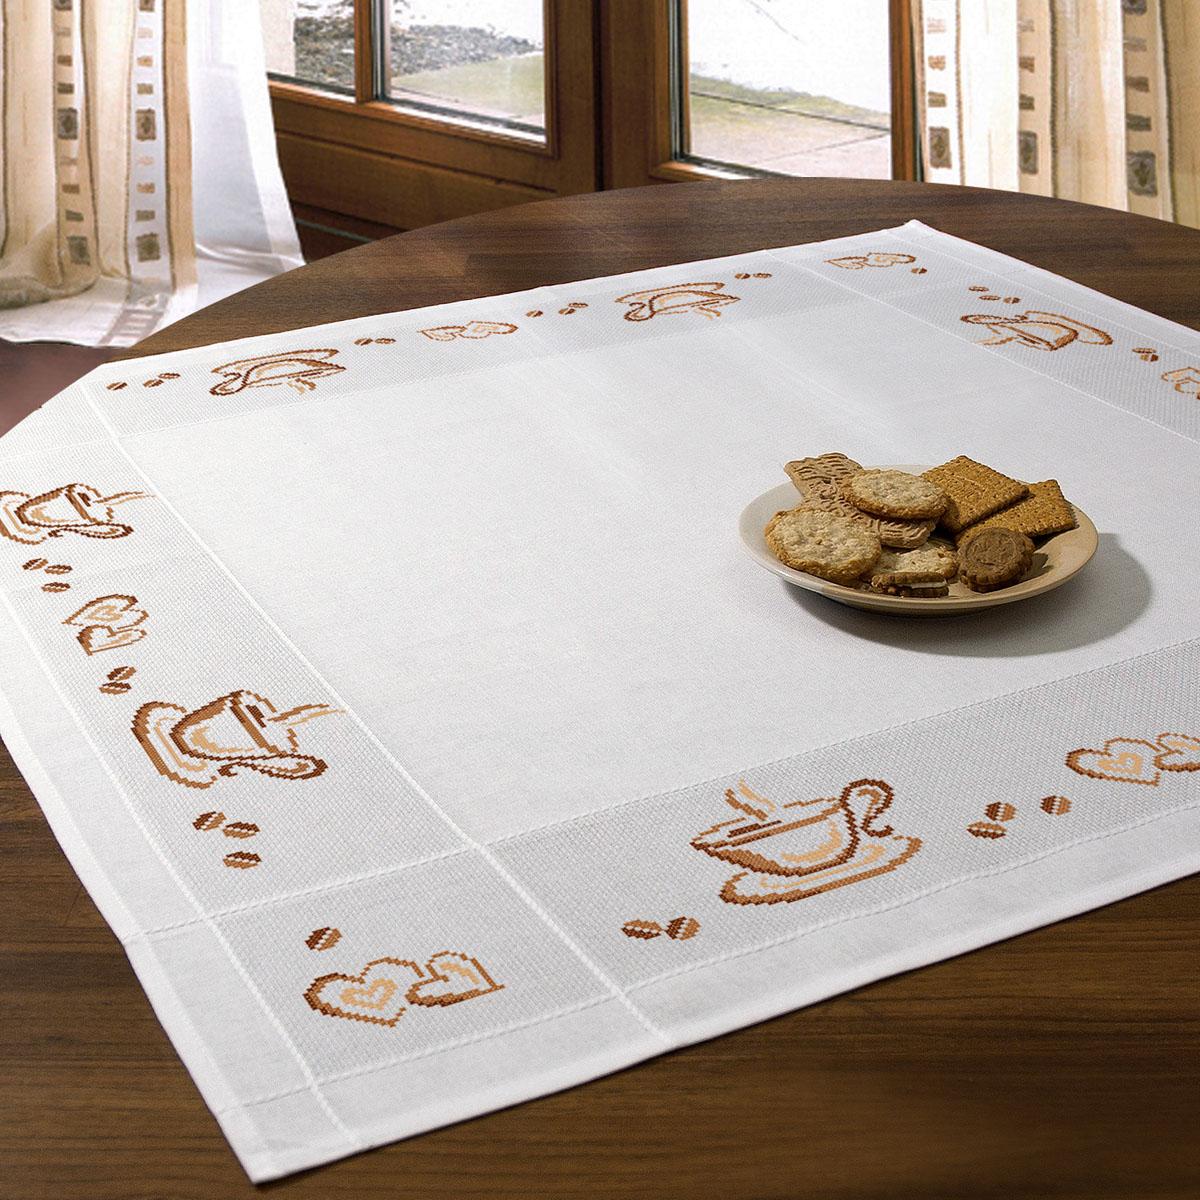 Набор для вышивания скатерти крестом Schaefer, 90 х 90 см 6776/2036776/203Красивый рисунок-вышивка, выполненный на скатерти, выглядит стильно и модно. Такая скатерть великолепно украсит кухонный стол, а вышивание отвлечет вас от повседневных забот и превратится в увлекательное занятие! Работа, сделанная своими руками, создаст особый уют и атмосферу в доме и долгие годы будет радовать вас и ваших близких, а также станет прекрасным подарком. Вышитая своими руками скатерть может стать настоящей реликвией в вашей семье, так как будет хранить теплоту вашего сердца и рук. Набор для вышивания содержит все необходимые материалы для вышивания на скатерти швом счетный крест в три нити. В состав набора входит: - скатерть белого цвета с обработанным краем, рисунок не нанесен (100% хлопок, 90х90 см), - вышивальные нитки (3 цвета, 100% хлопок), - игла, - цветная символьная схема, - подробная инструкция. Изысканный текстиль от немецкой компании Schaefer - это красота, стиль и уют в вашем доме.